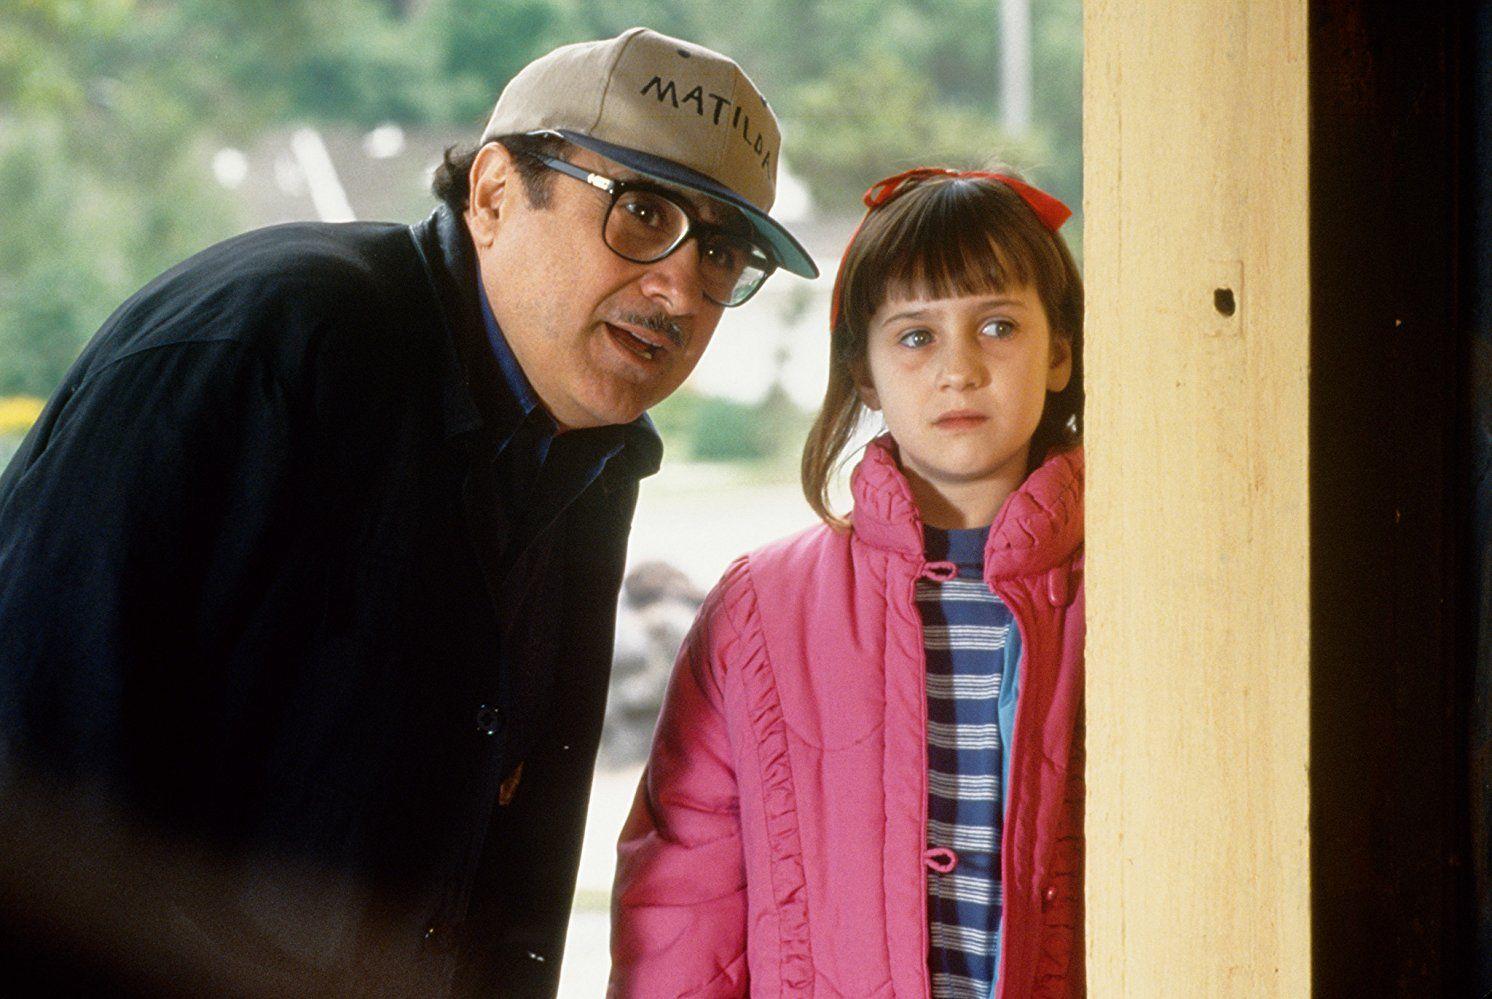 Danny DeVito and Mara Wilson in Matilda